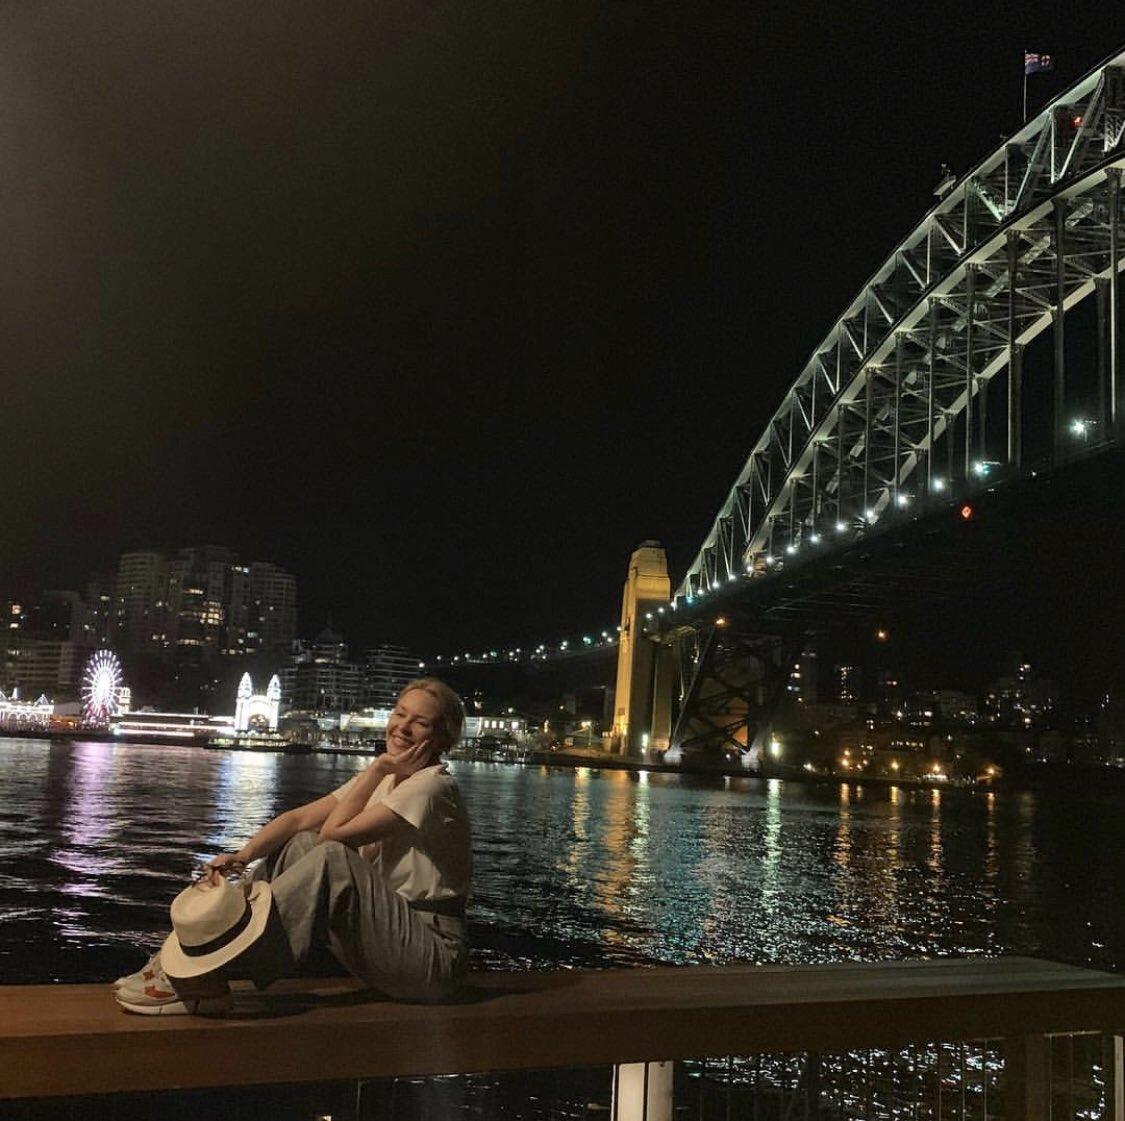 Touchdown! Hello Sydney #Australia ???? #GoldenTour https://t.co/J81M4JwQe8